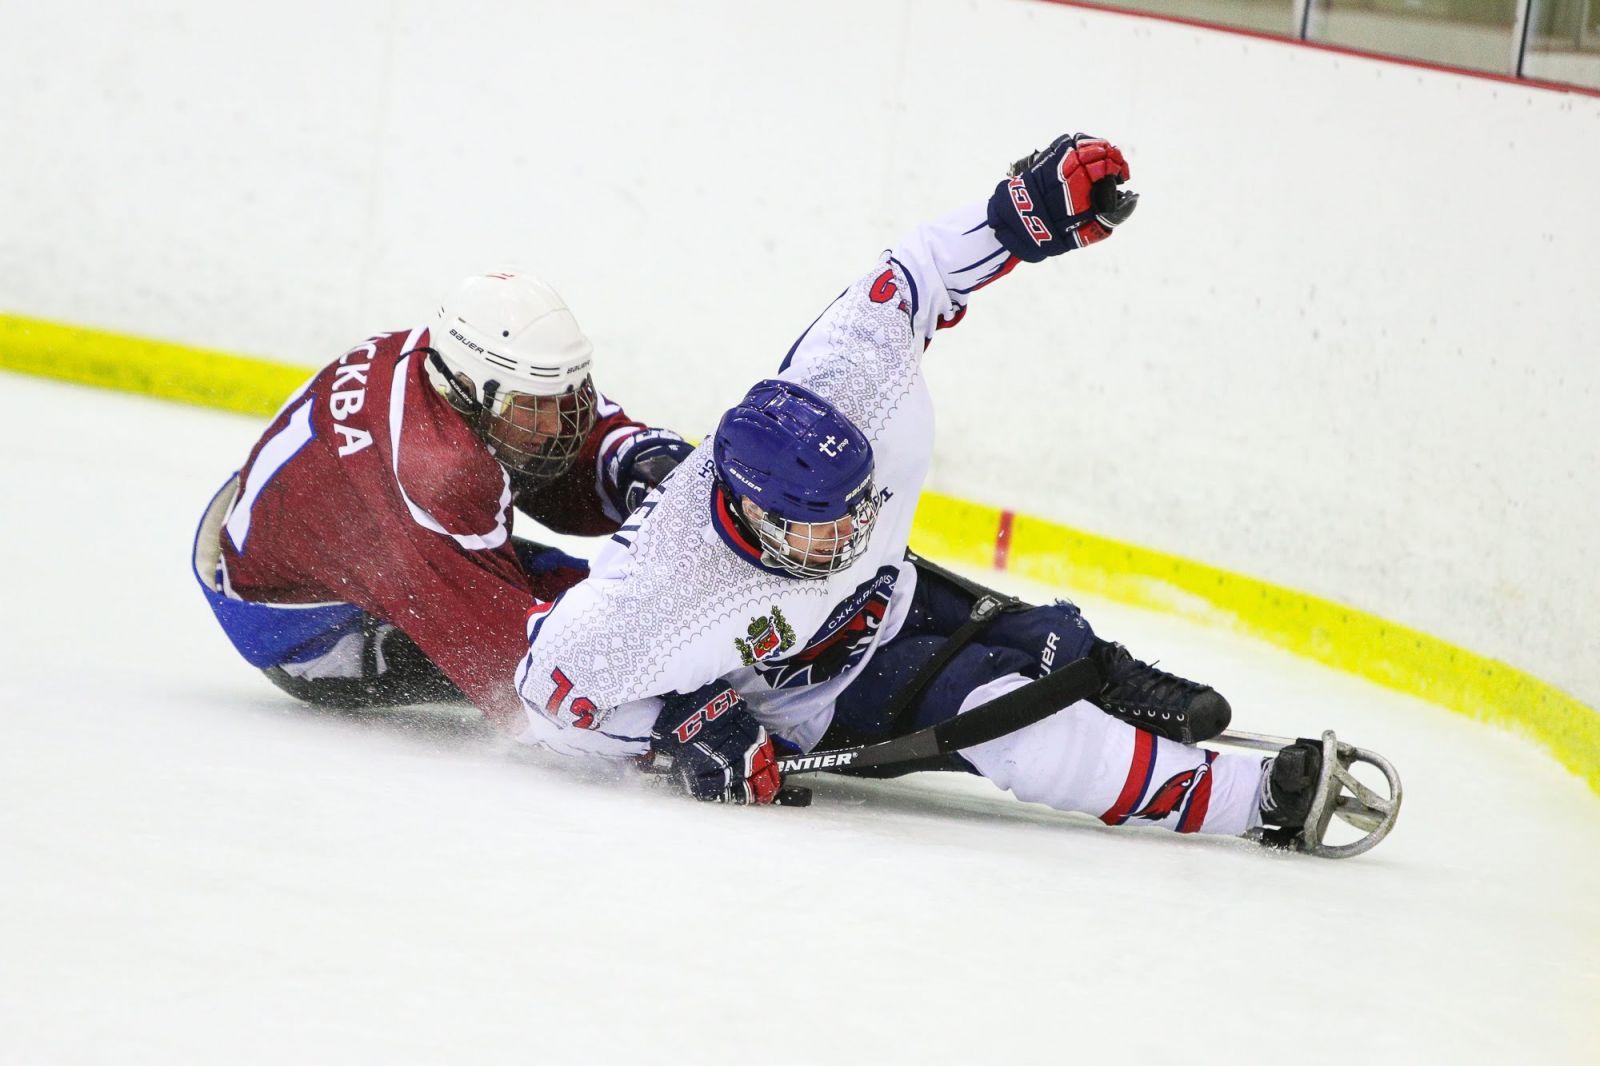 8 команд примут участие в 1 круге чемпионата России по следж-хоккею в Тульской области